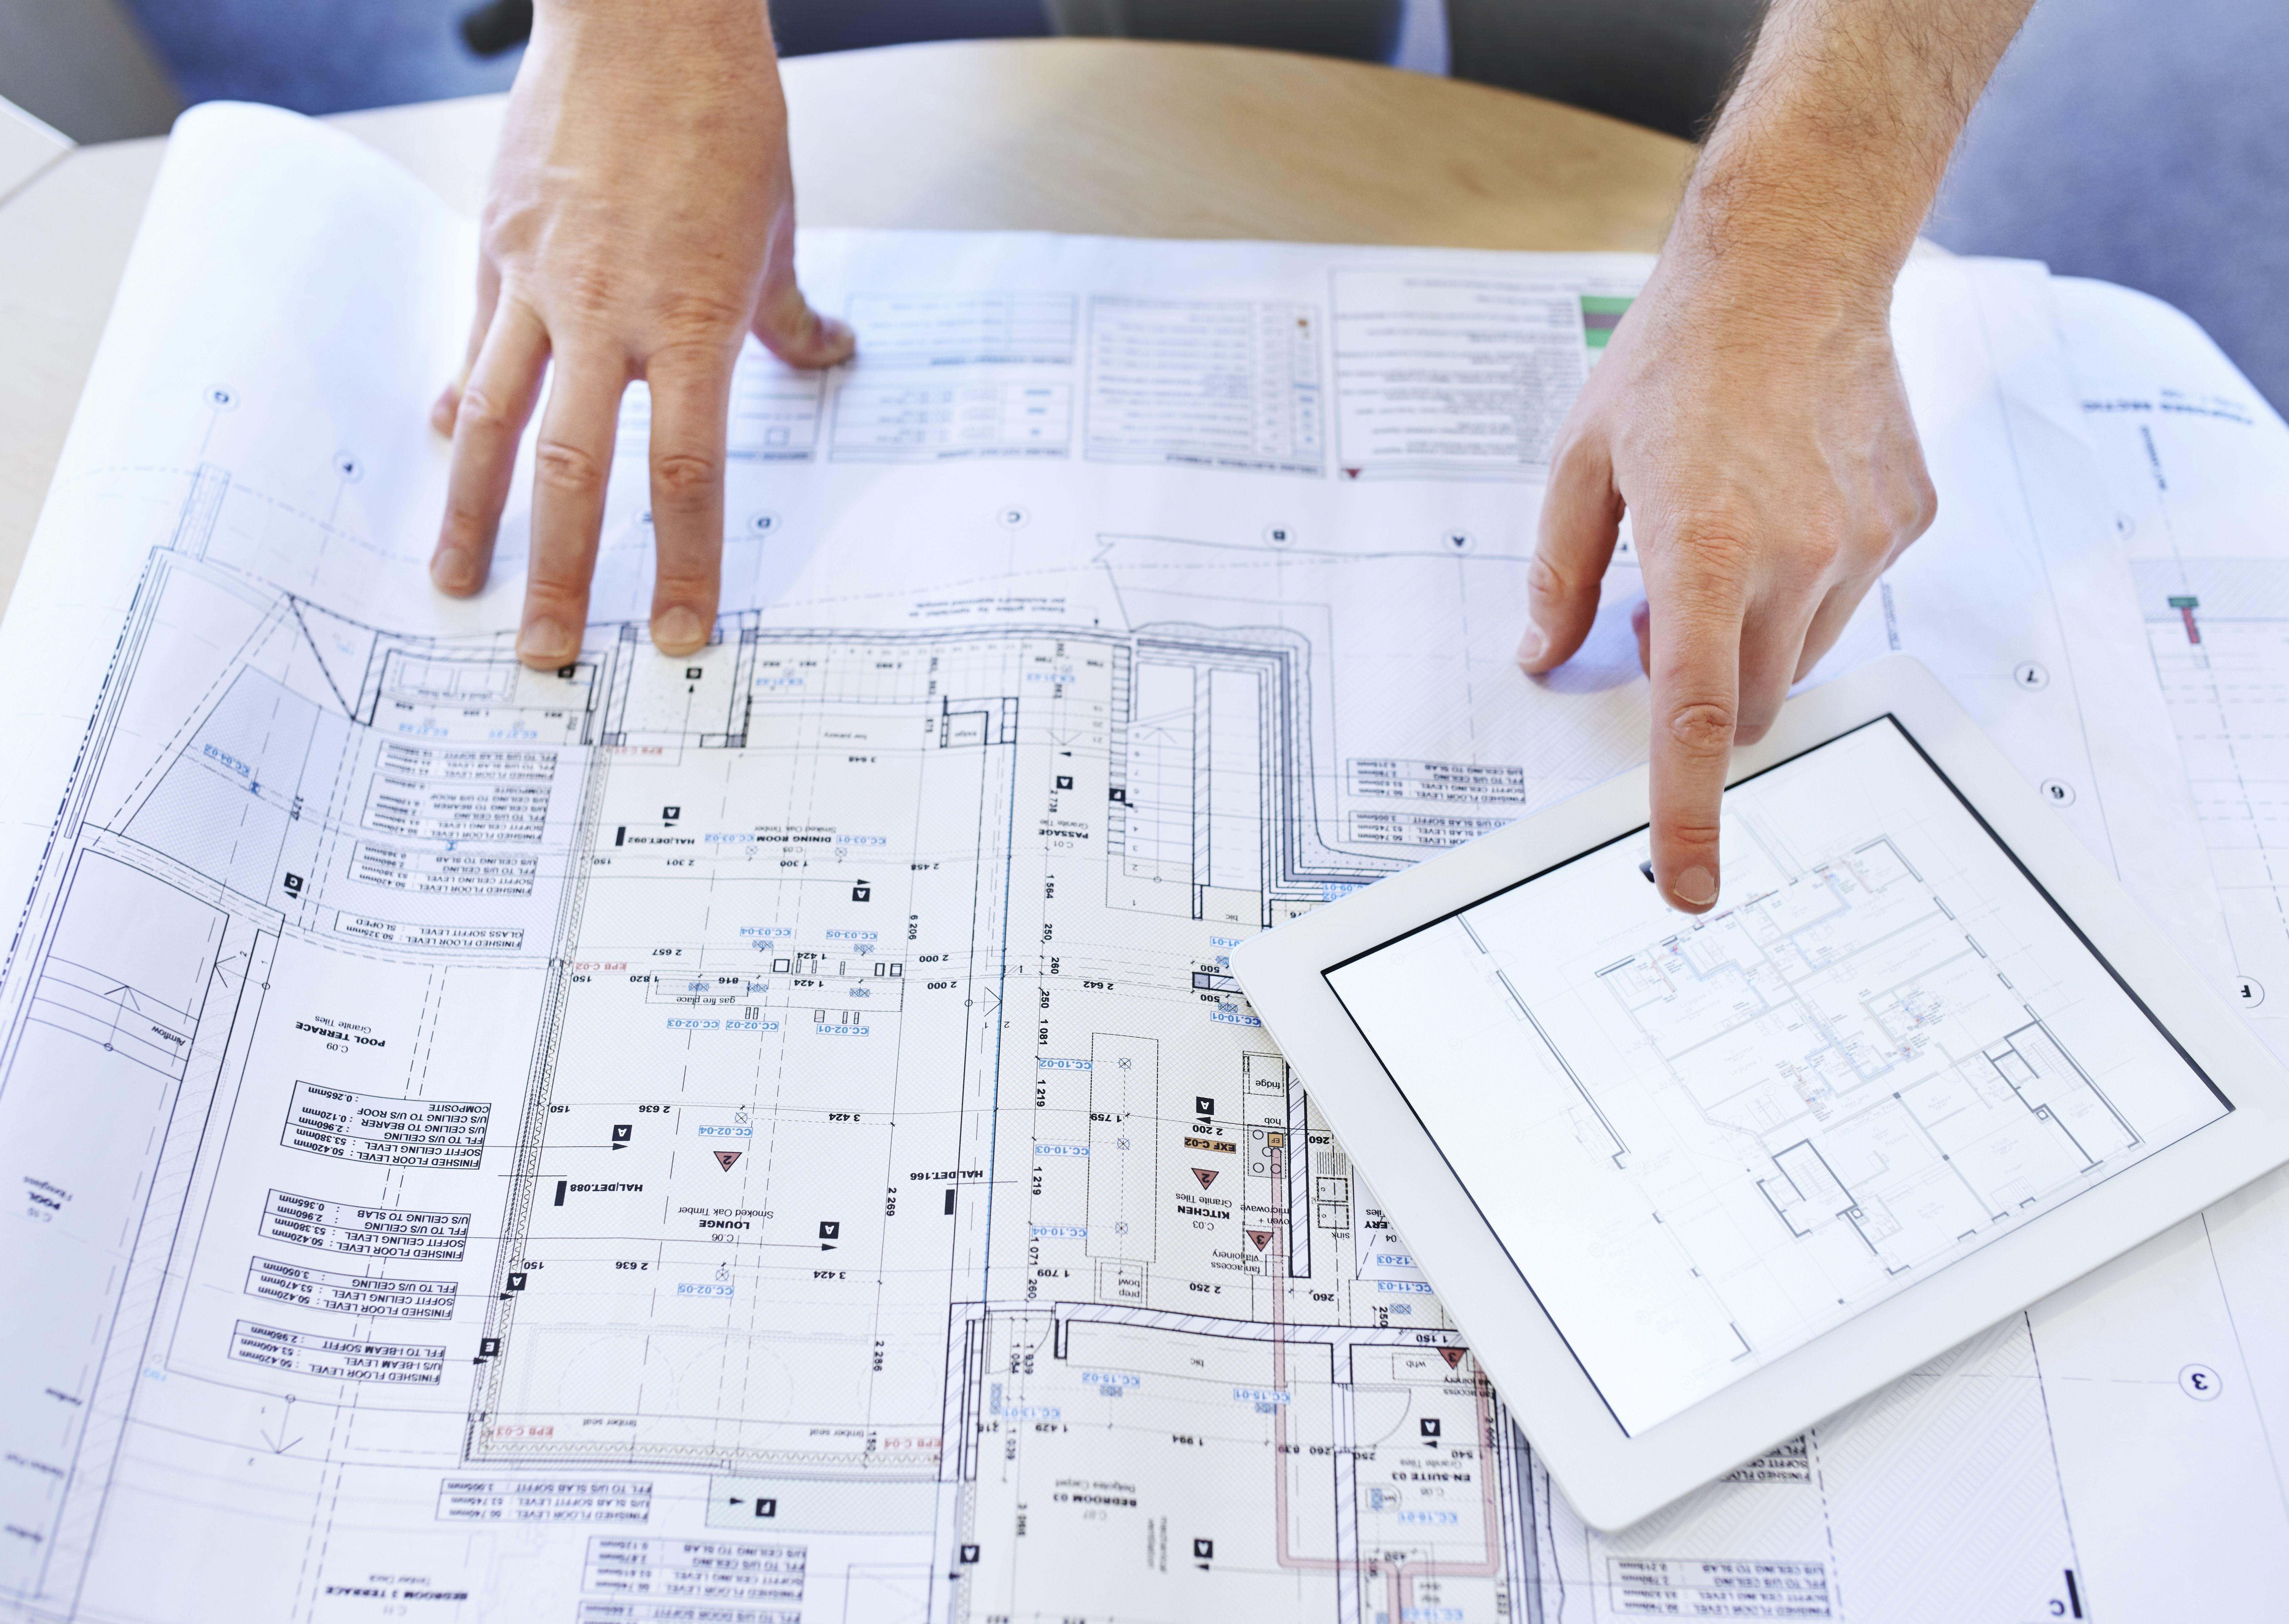 Georreferenciación: Servicios de Arquitectura y Urbanismo Hontana Fernández